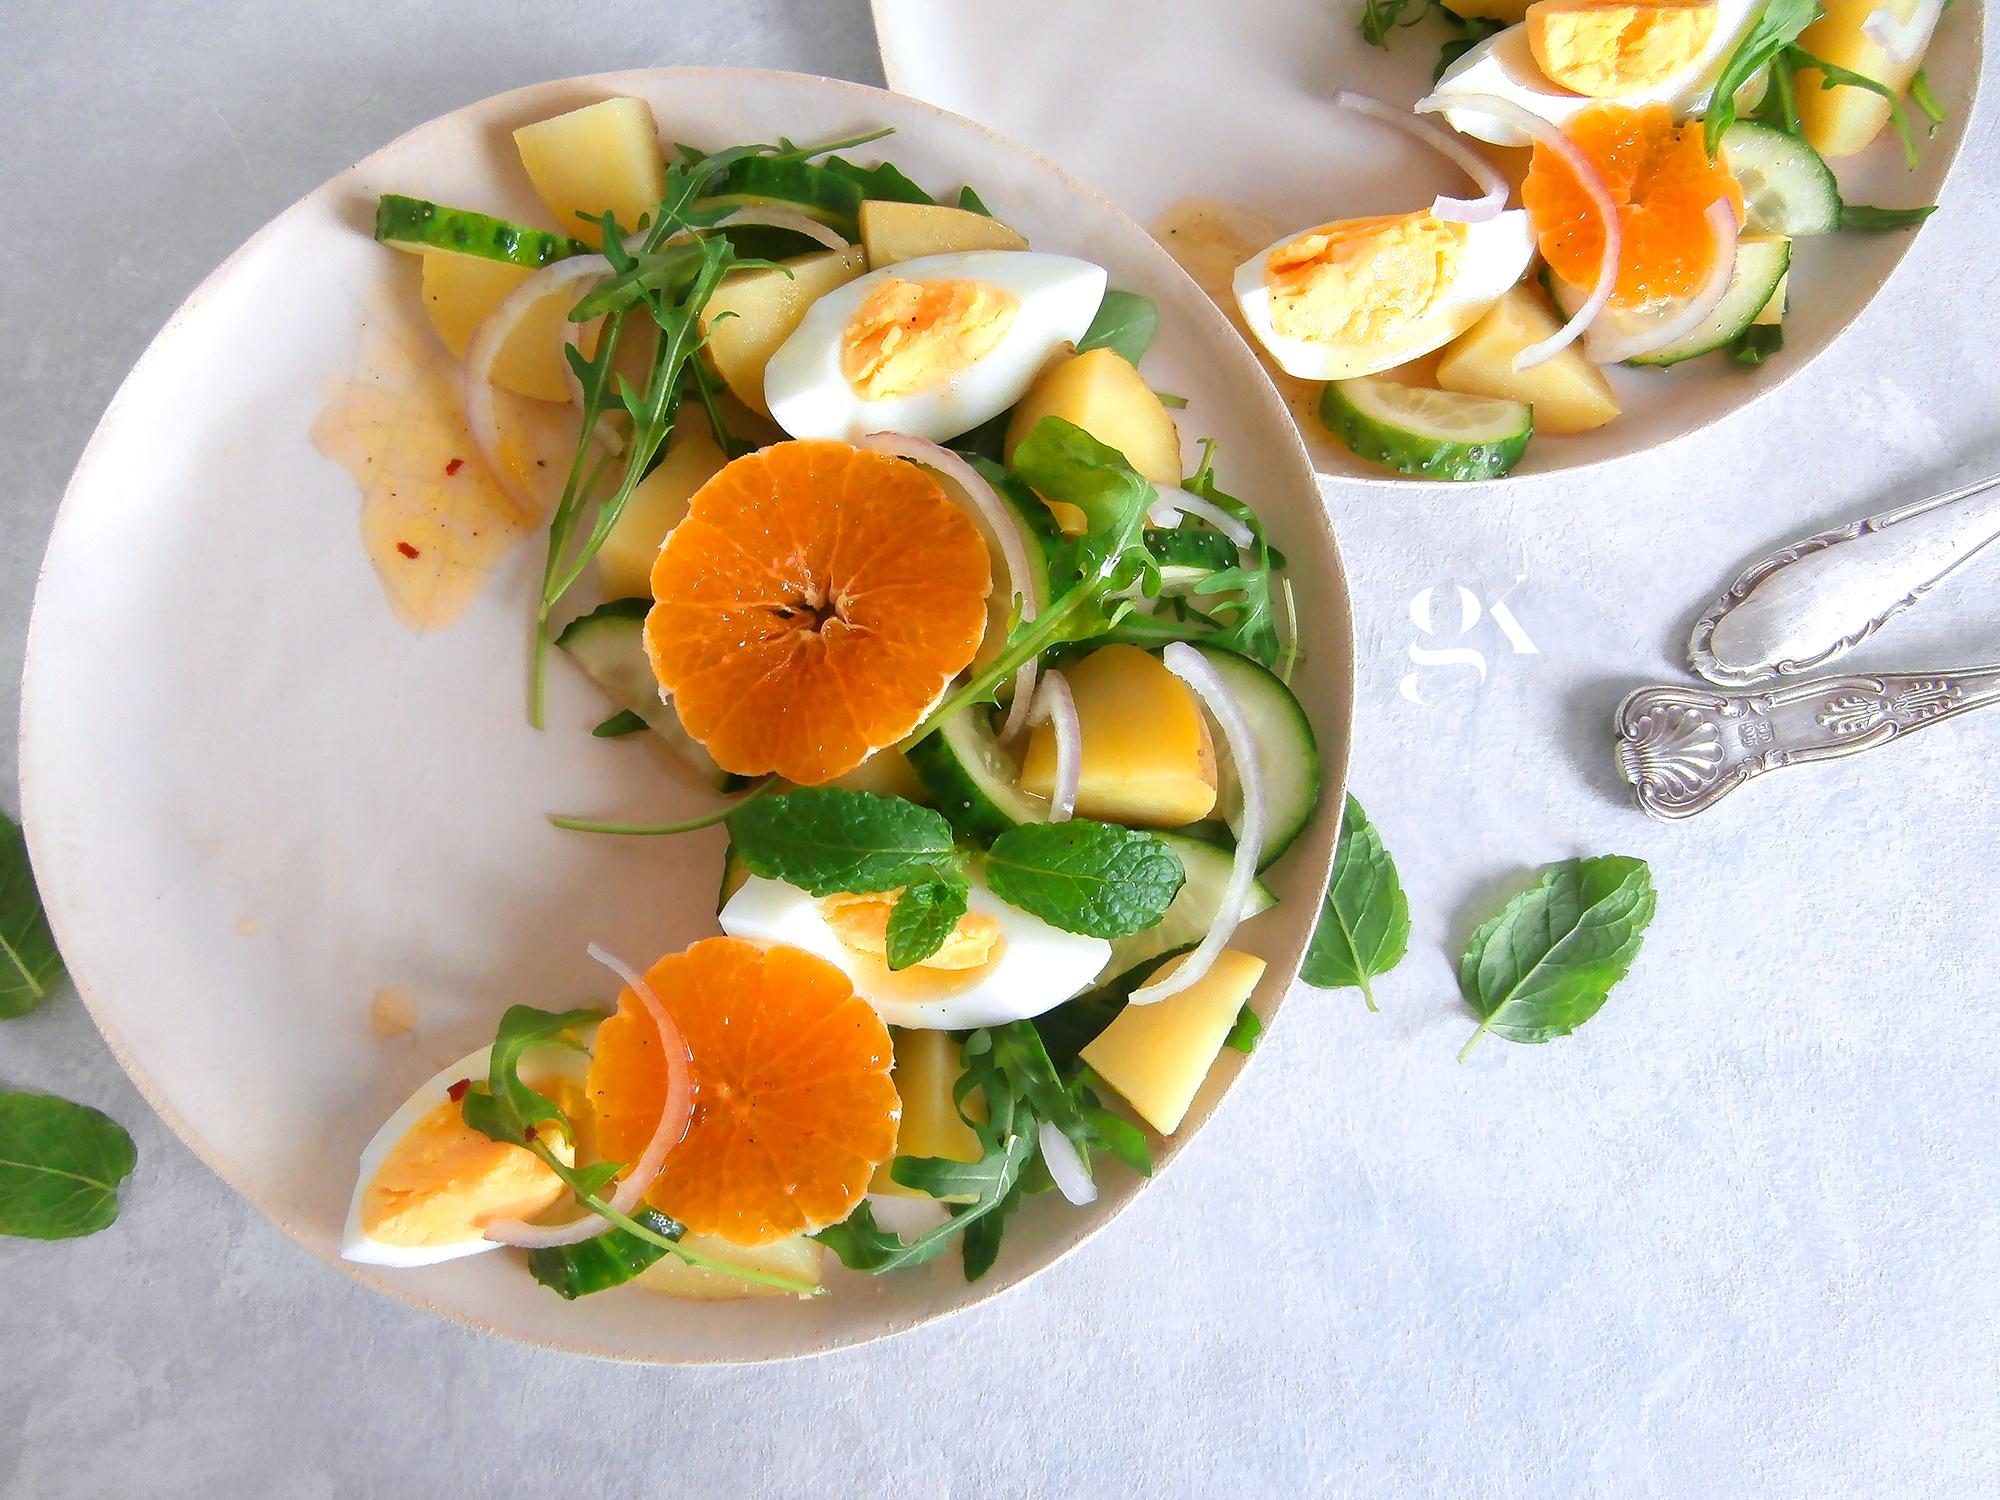 Sałatka ziemniaczana z dressingiem cytrusowym